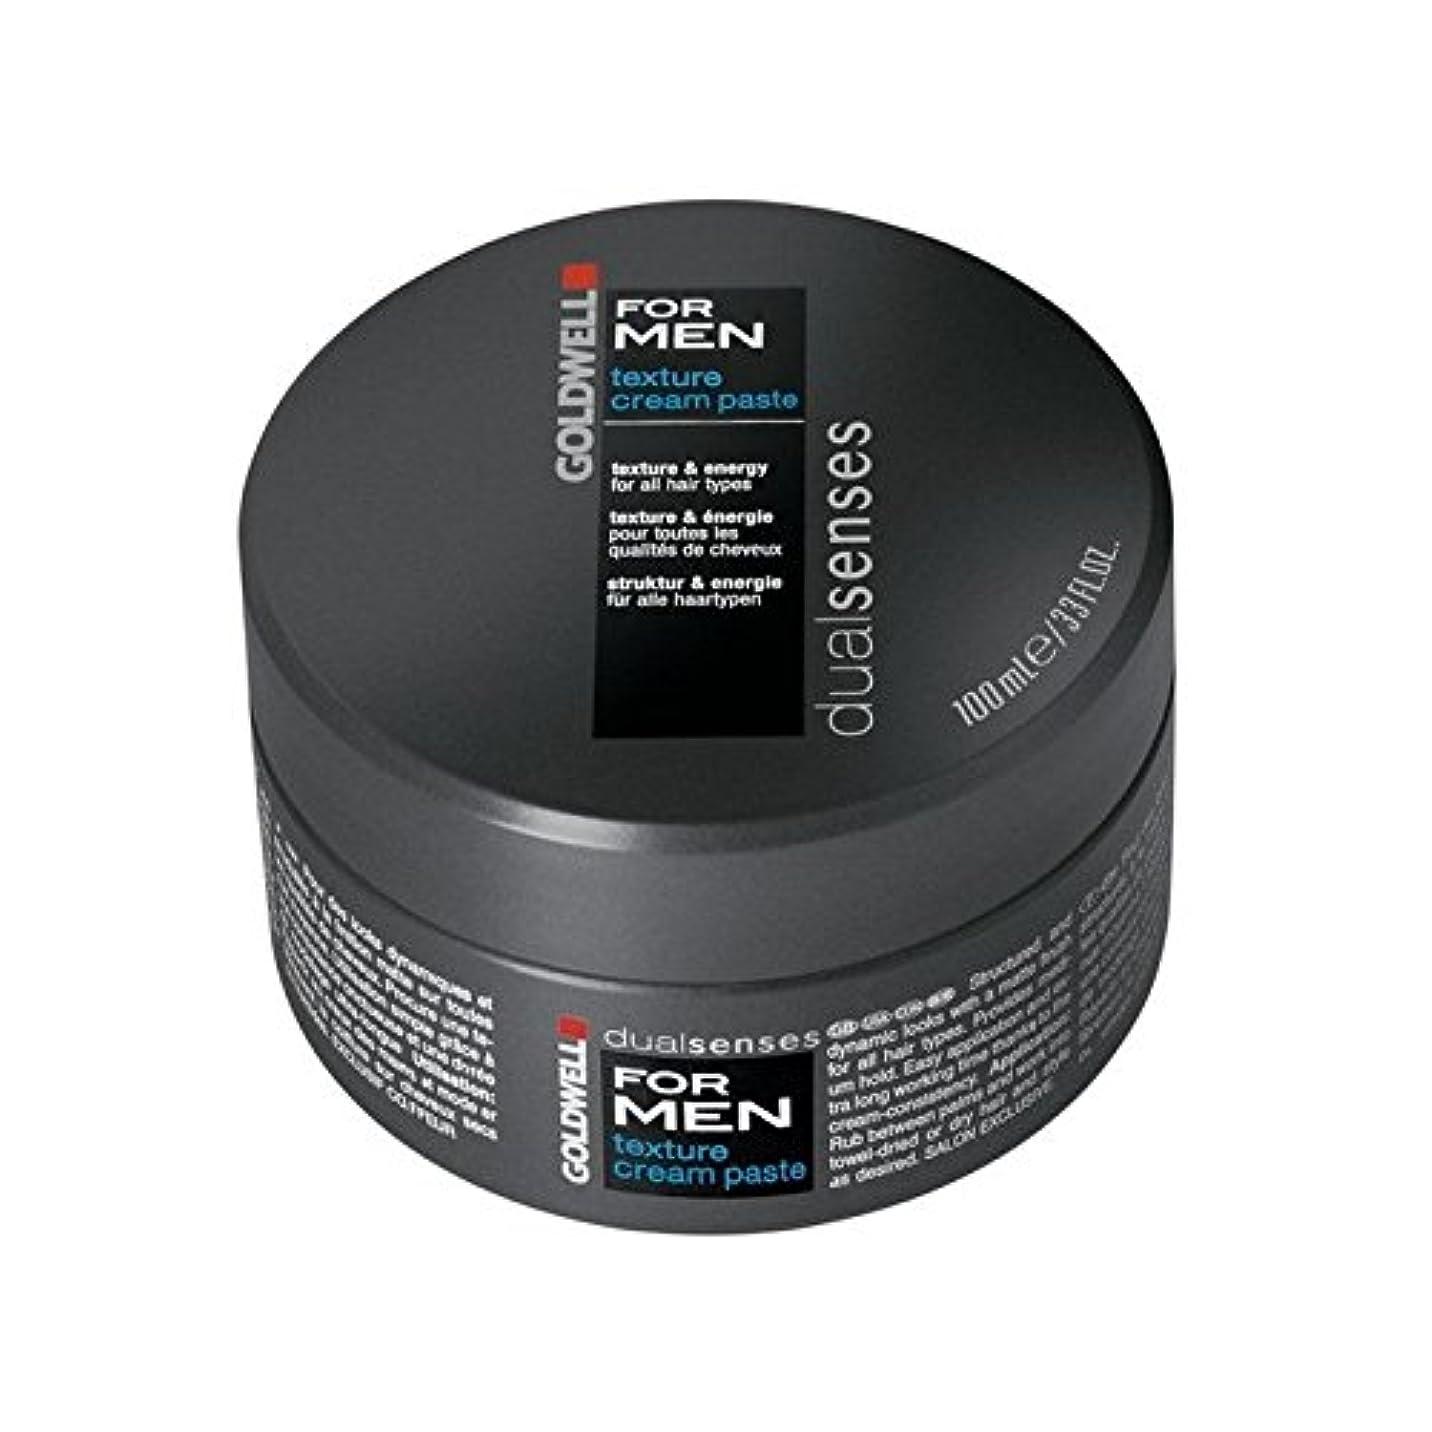 告発者過度の誤解させる男性のテクスチャーのクリームペースト(100ミリリットル)のためのの x4 - Goldwell Dualsenses For Men Texture Cream Paste (100ml) (Pack of 4) [並行輸入品]